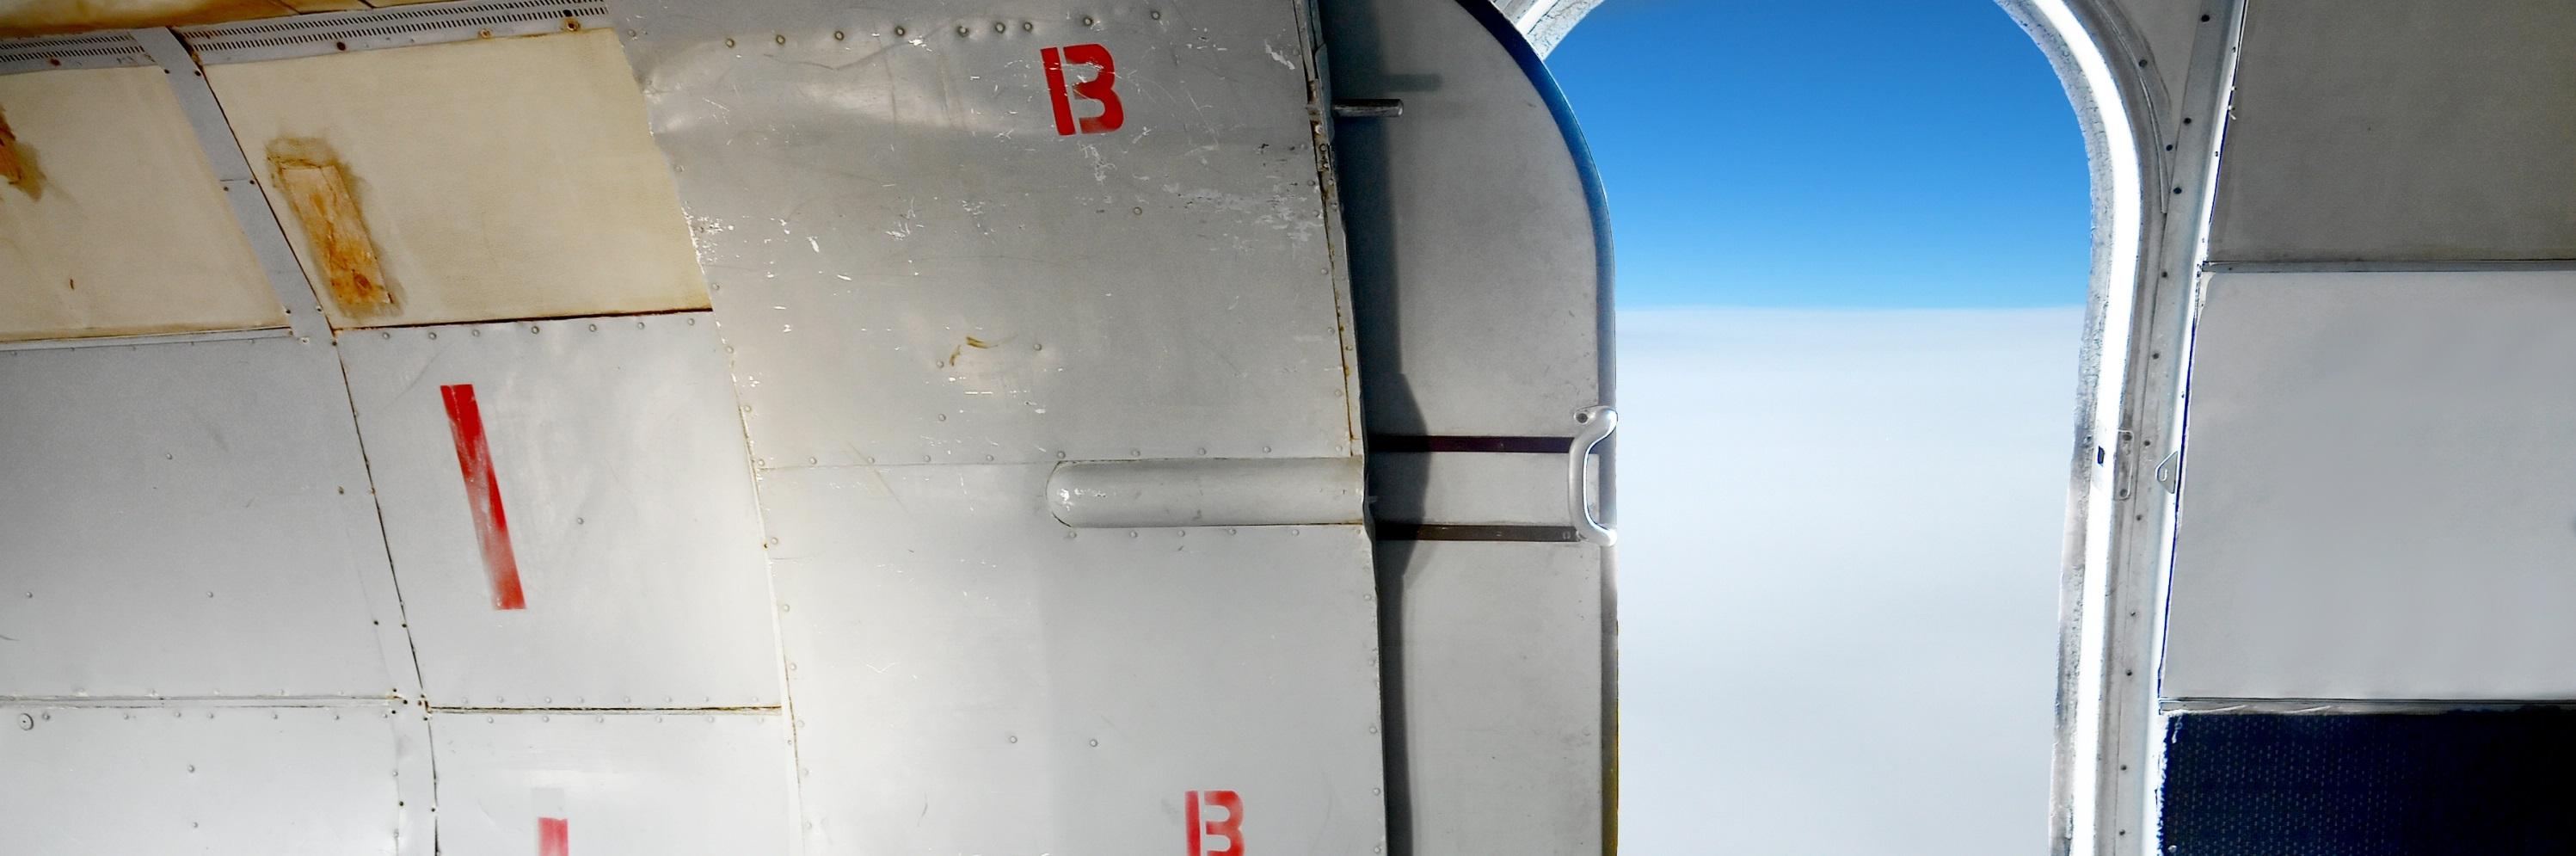 Plane interior with open cabin door high up in the sky